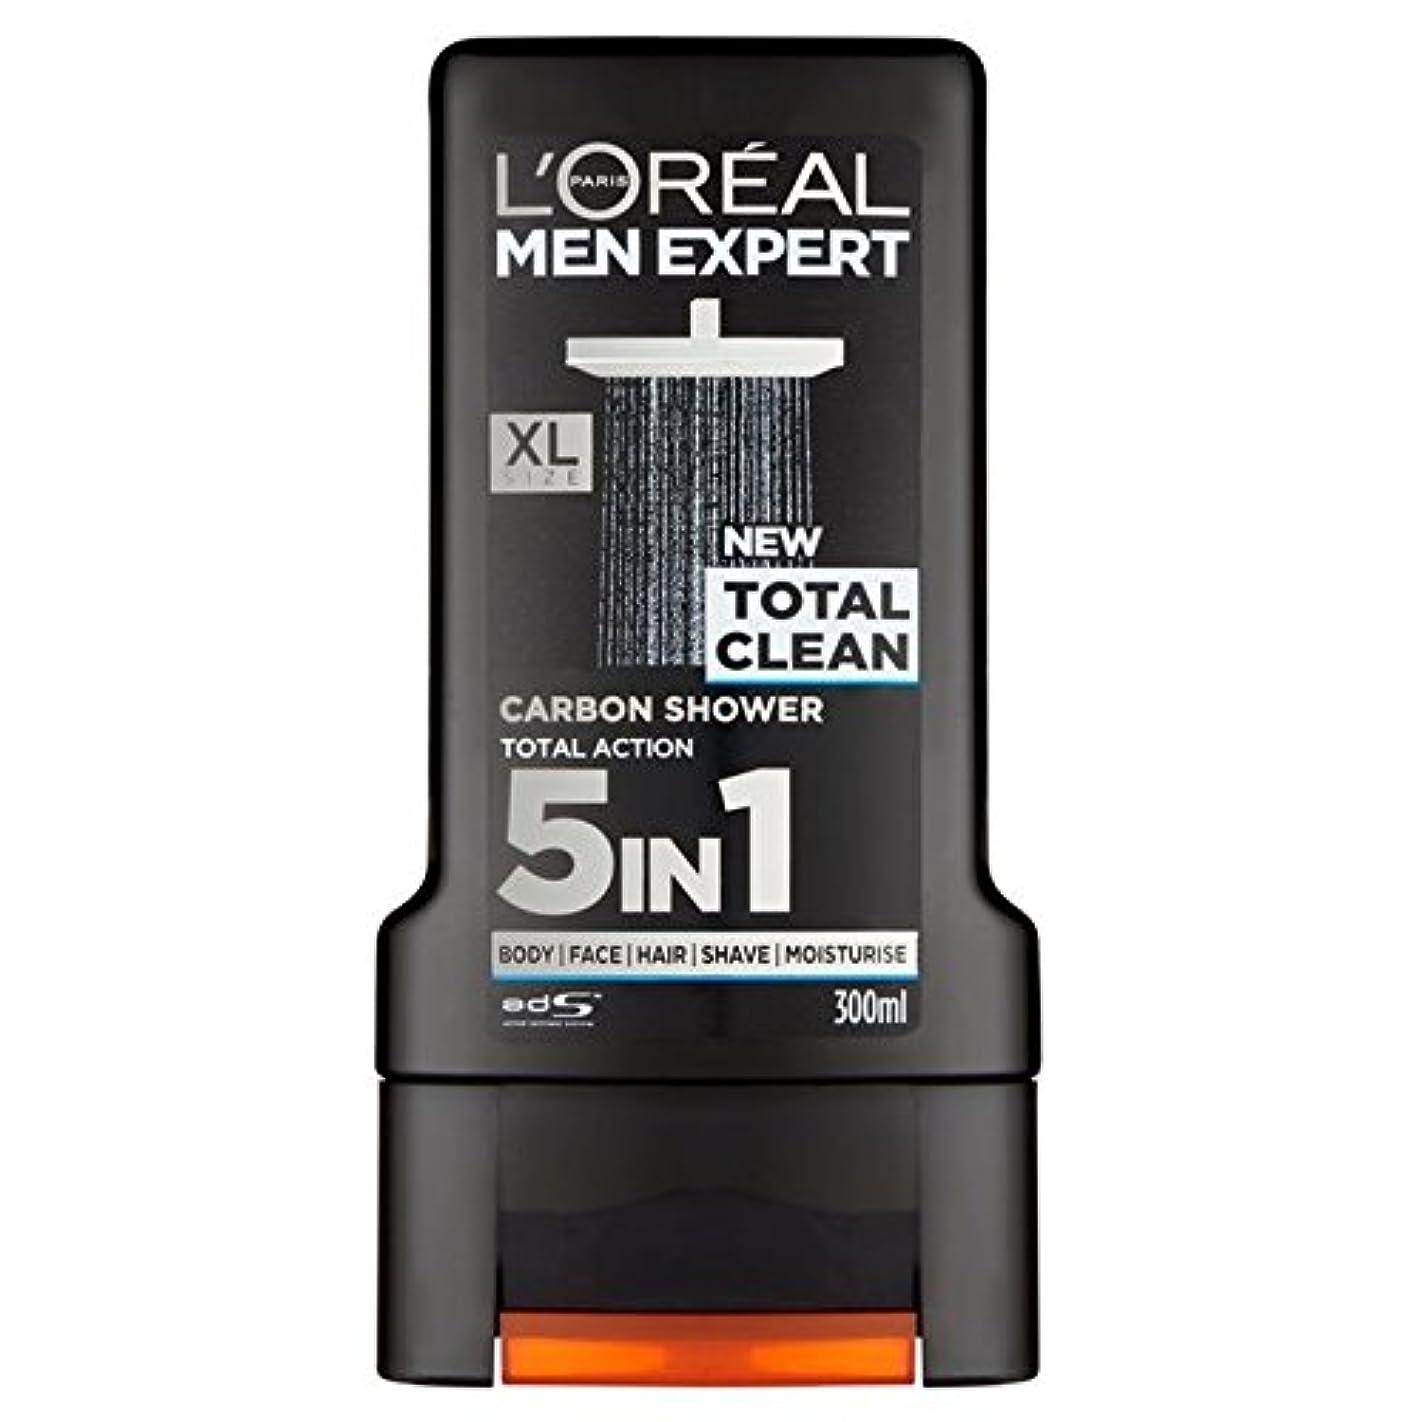 L'Oreal Paris Men Expert Total Clean Shower Gel 300ml - ロレアルパリのメンズ専門トータルクリーンシャワージェル300ミリリットル [並行輸入品]